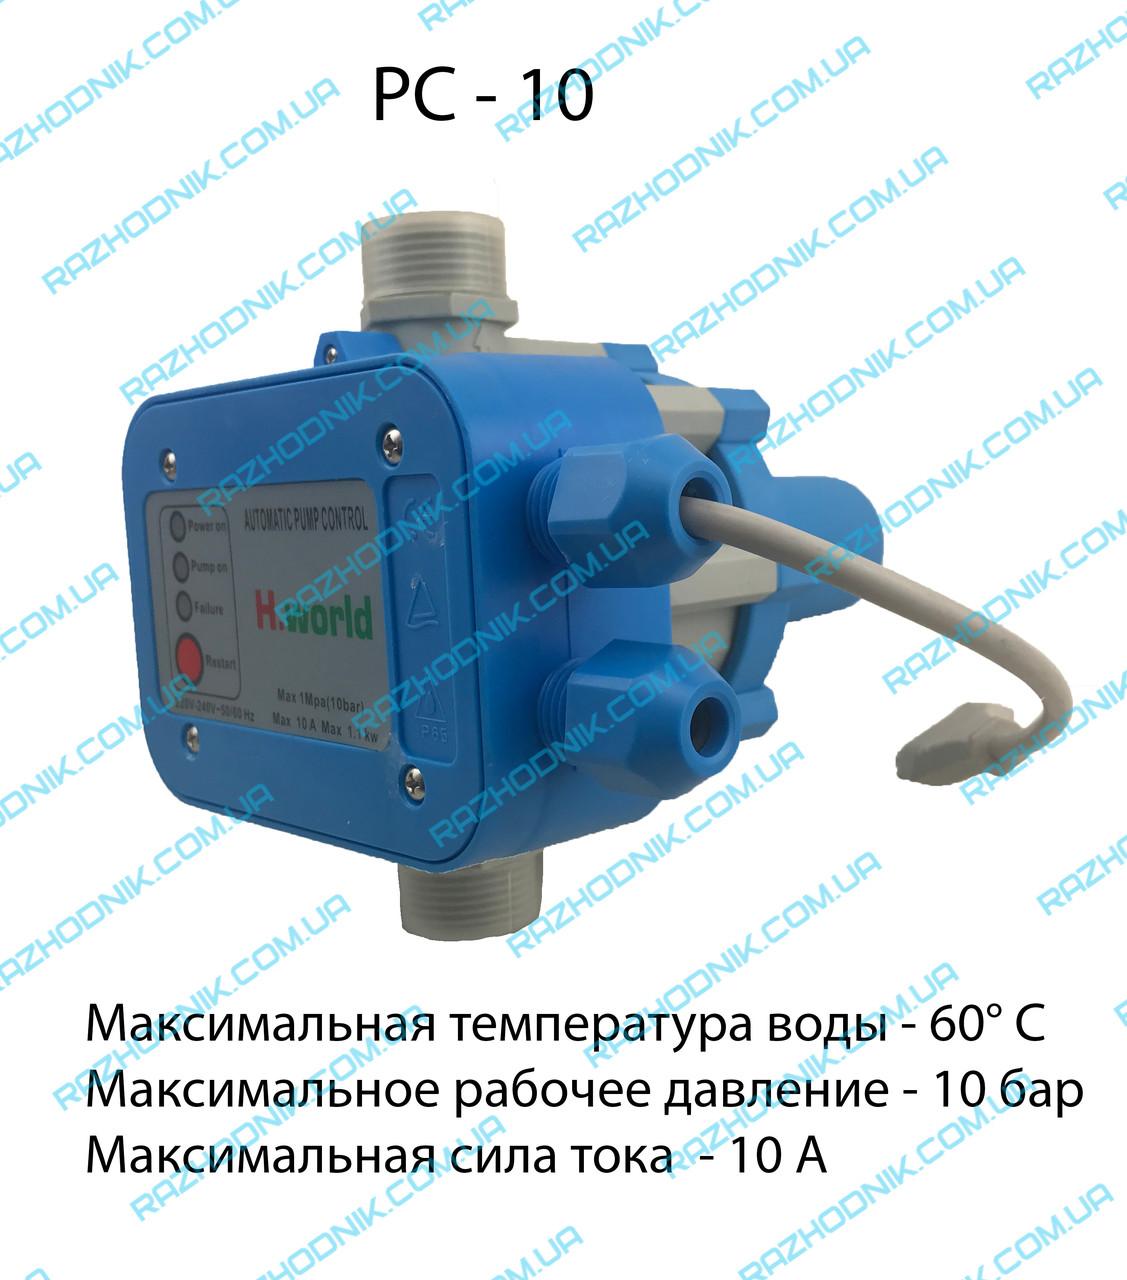 Автоматика для водяного насоса PC-10